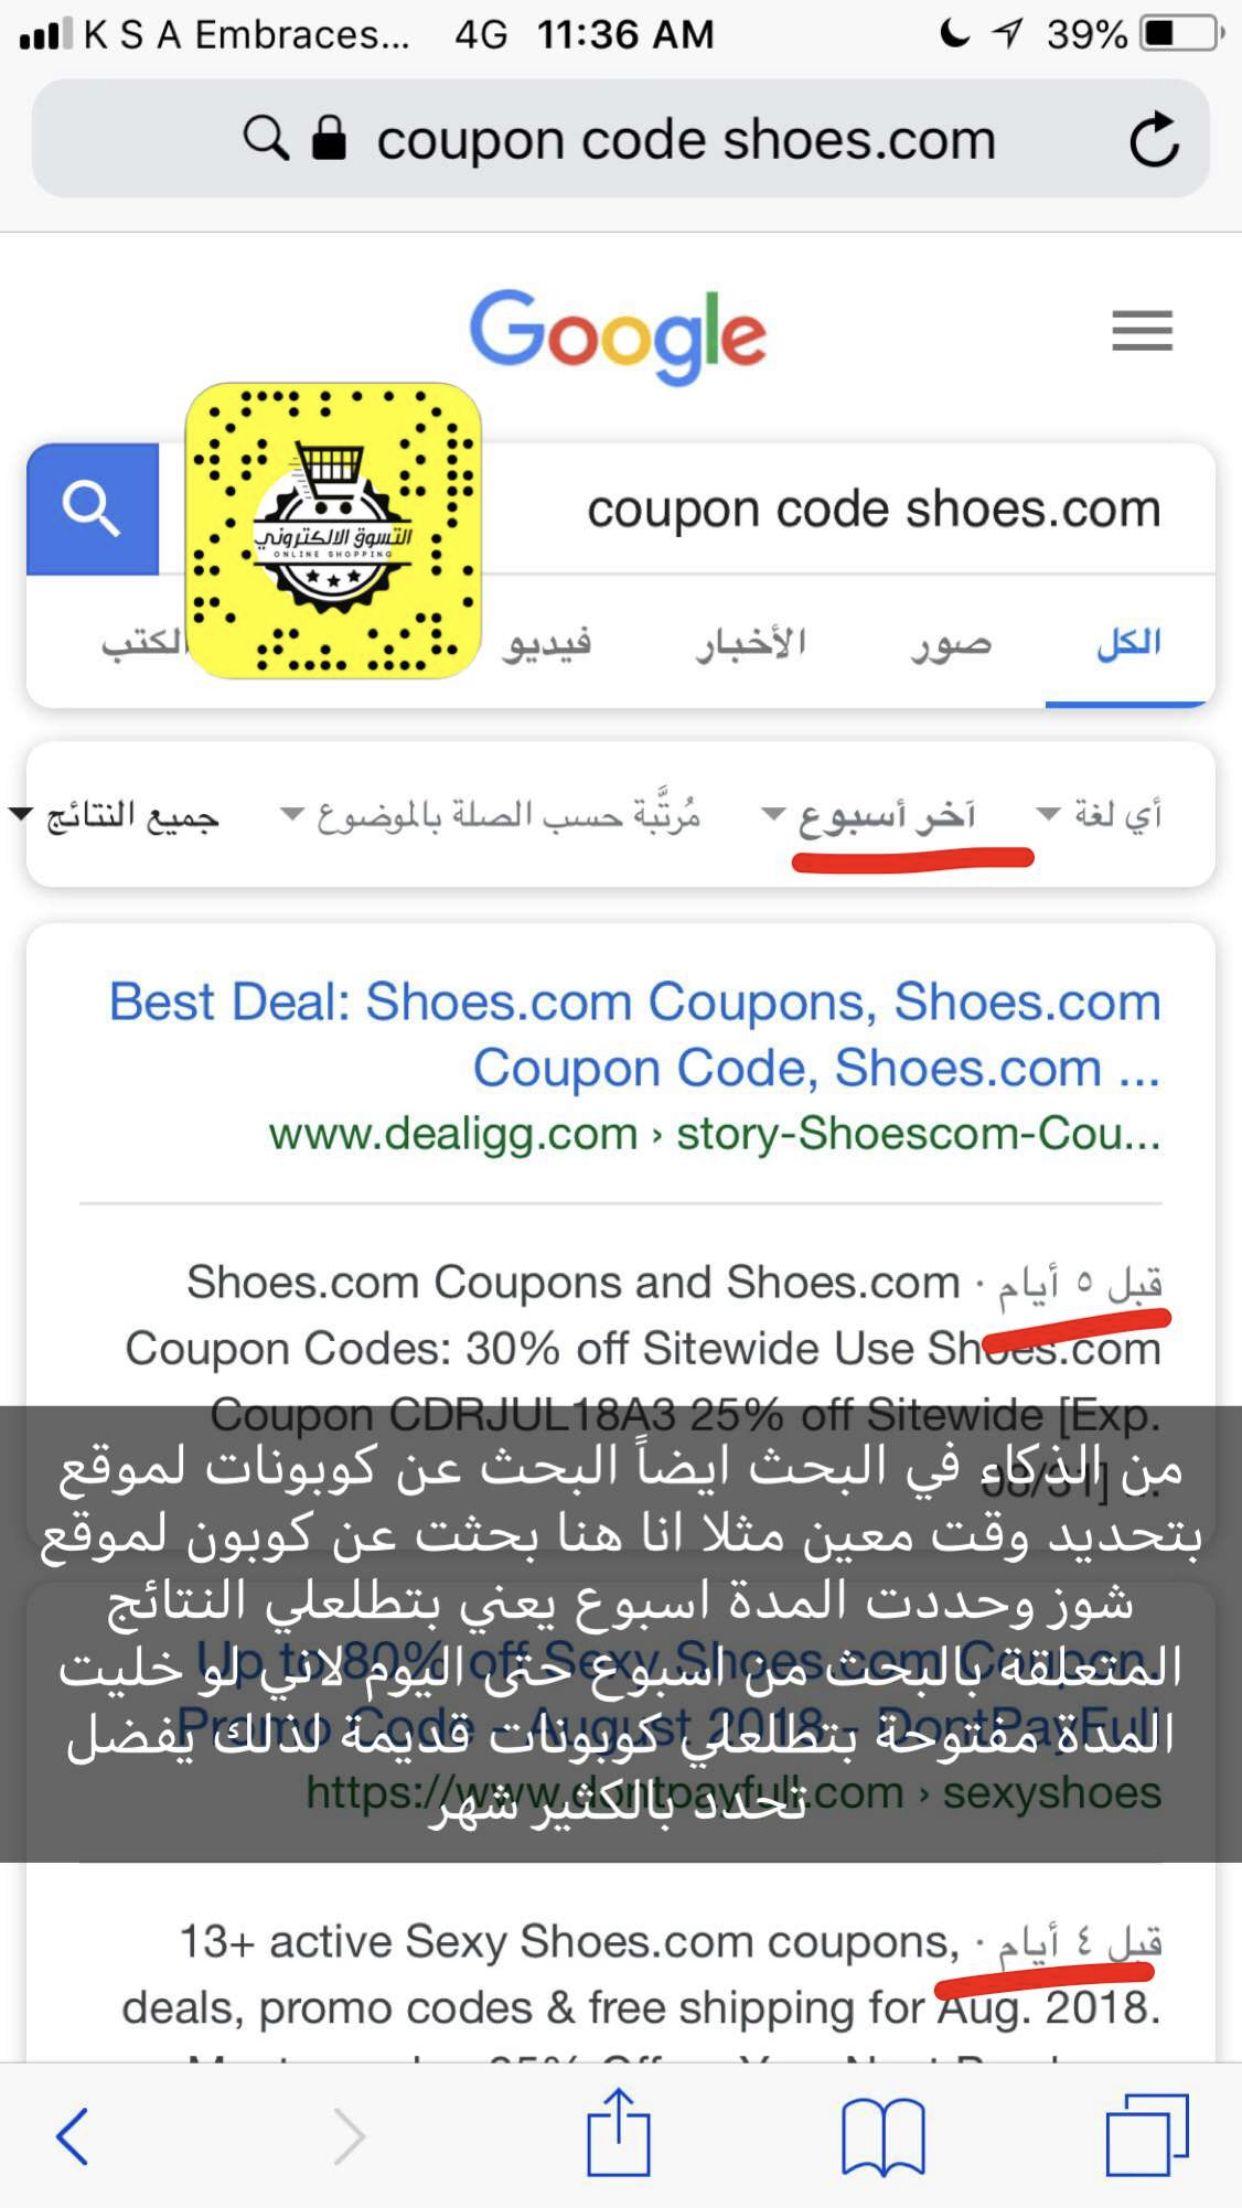 كوبونات كوبون Online shopping websites, Shopping coupons